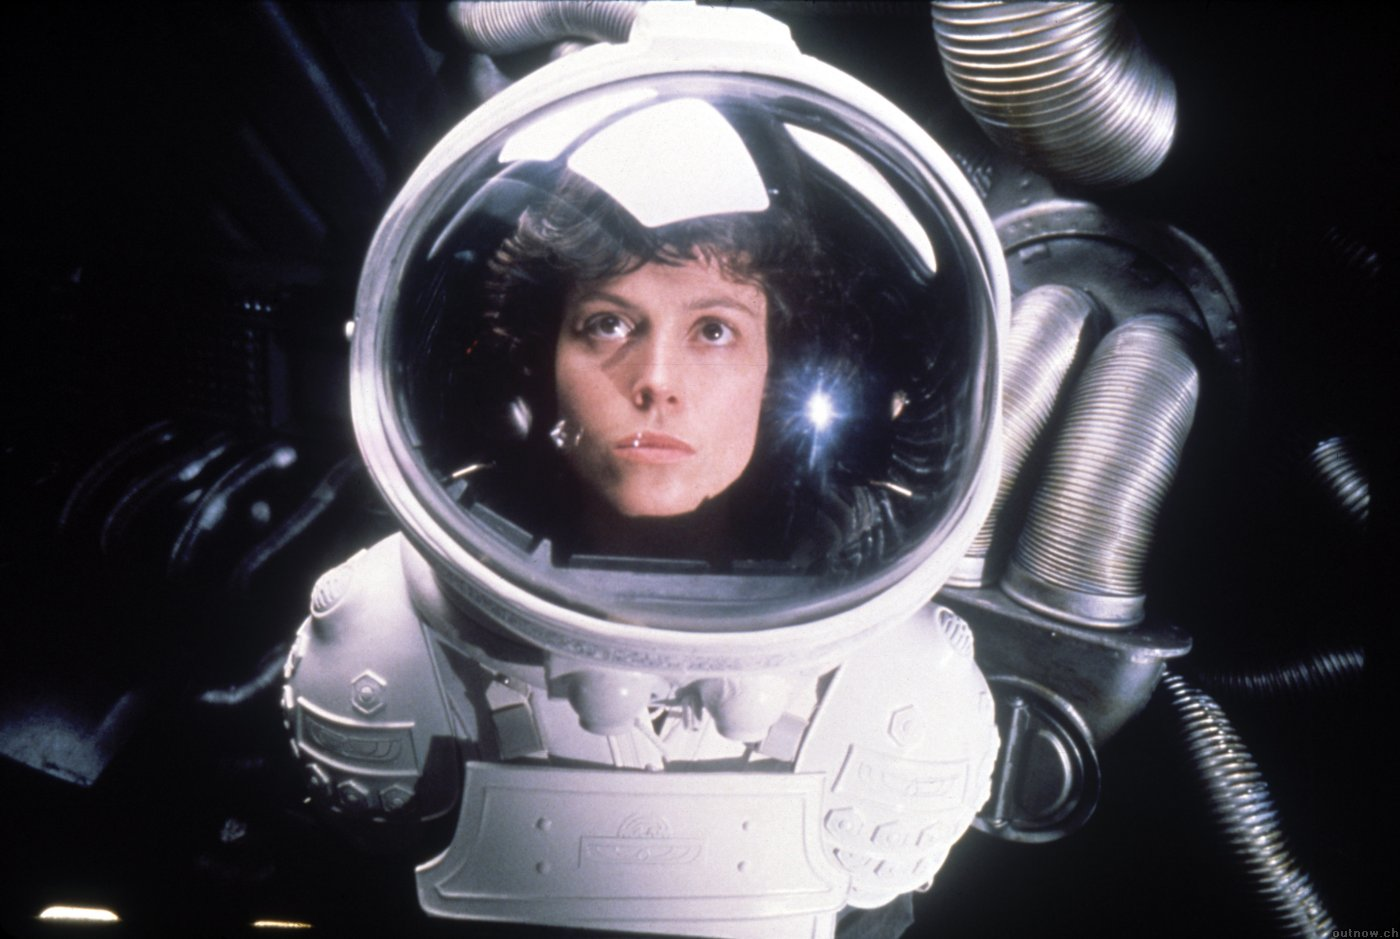 http://3.bp.blogspot.com/-4PYjmSCRxJY/T8Hgy8m9_HI/AAAAAAAACPI/yllEQNT7iWo/s1600/Alien+1979+weave.jpg